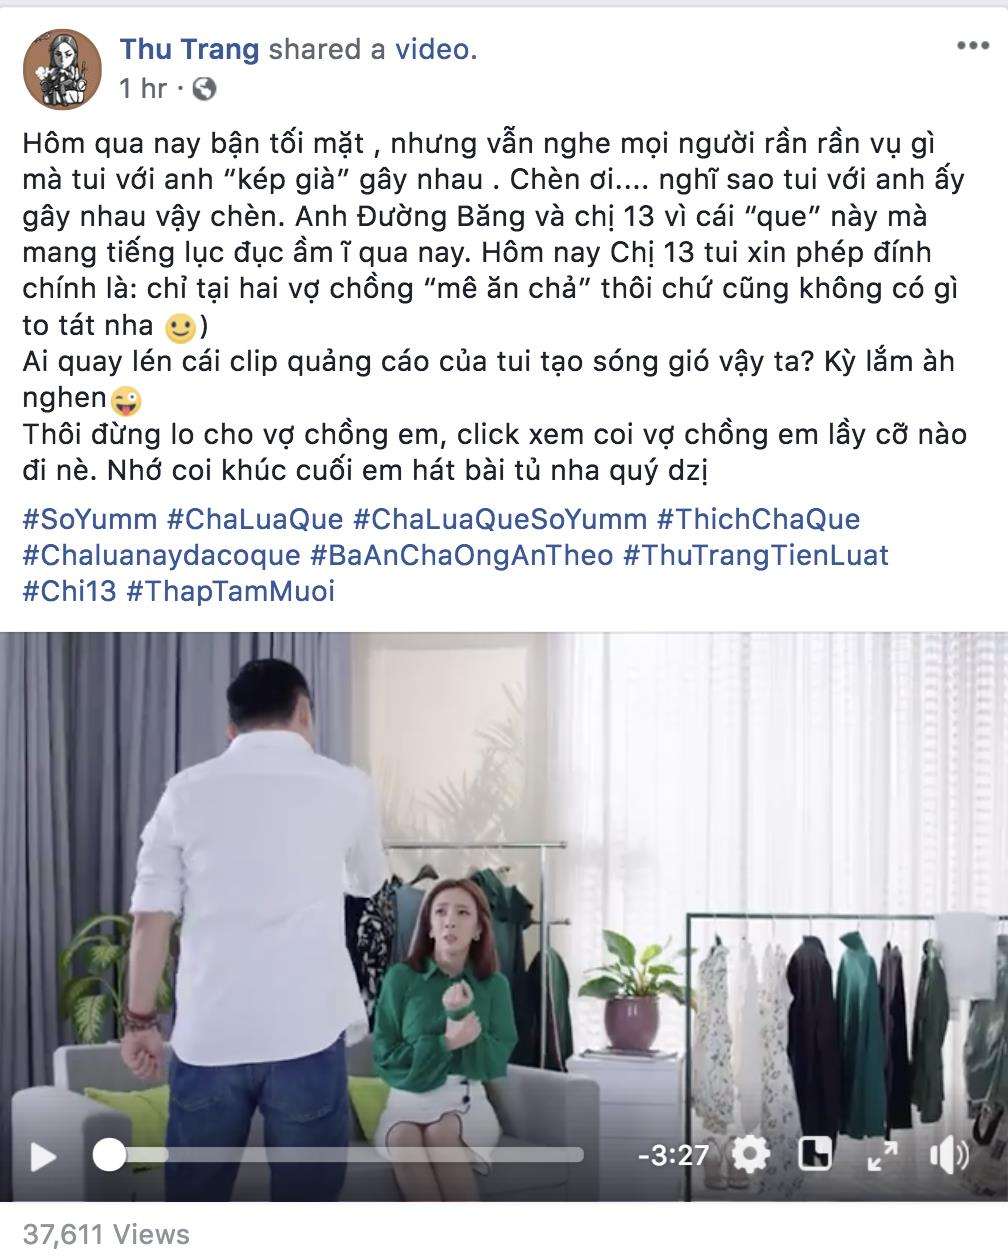 Sau ồn ào, Thu Trang chính thức lên tiếng xác nhận sự thật tin đồn ăn chả - Ảnh 2.